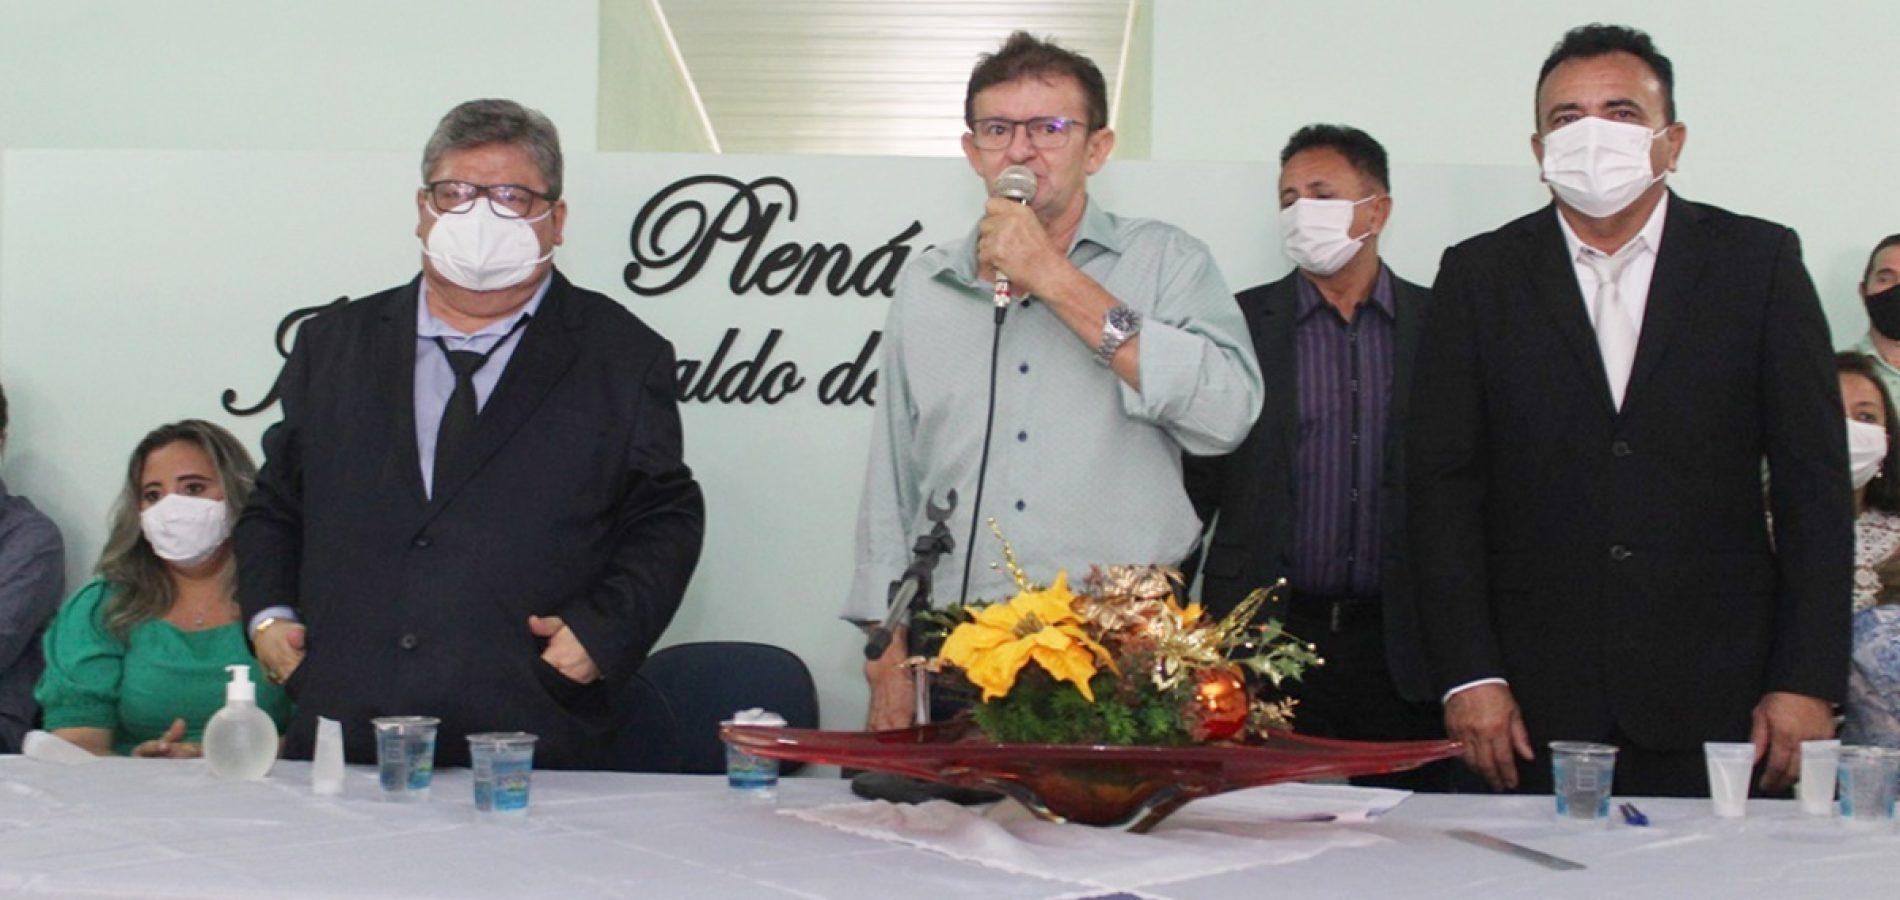 Dr. Tico e Dr. Elias são empossados prefeito e vice em Campo Grande do Piauí